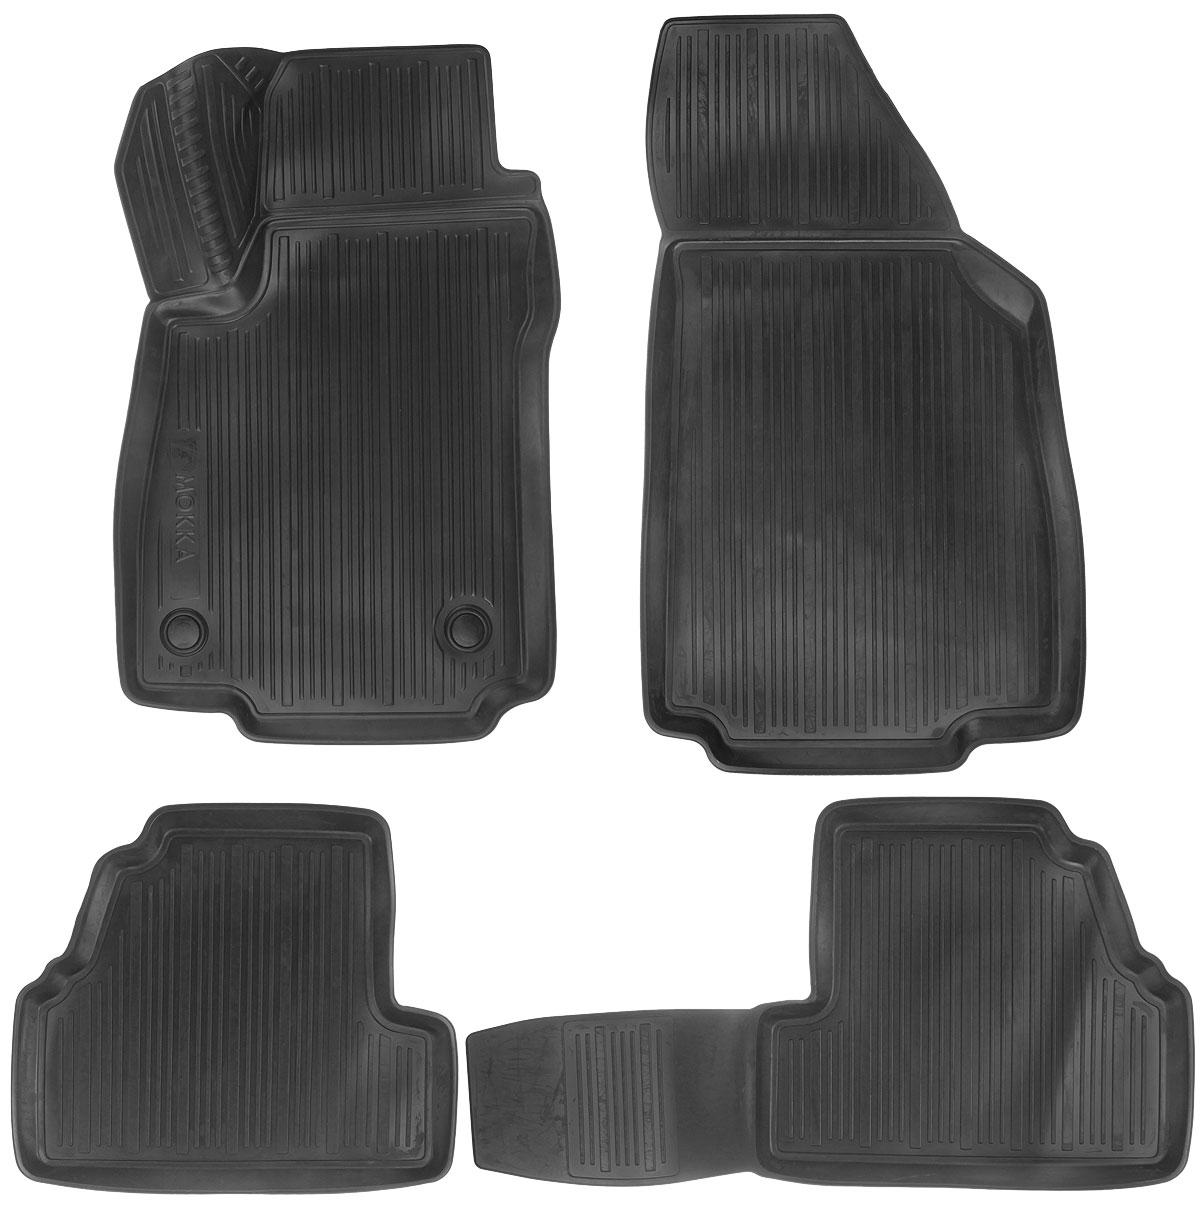 Набор автомобильных ковриков L.Locker Opel Mokka 2012, в салон, 4 штGSR 1080-2-LIНабор L.Locker Opel Mokka 2012, изготовленный из полиуретана, состоит из 4 антискользящих 3D ковриков, которые производятся индивидуально для каждой модели автомобиля. Изделие точно повторяет геометрию пола автомобиля, имеет высокий борт, обладает повышенной износоустойчивостью, лишено резкого запаха и сохраняет свои потребительские свойства в широком диапазоне температур от -50°С до +50°С.Комплектация: 4 шт.Размер ковриков: 80 см х 51 см; 50 см х 87,5 см; 84 см х 44 см; 51 см х 44 см.